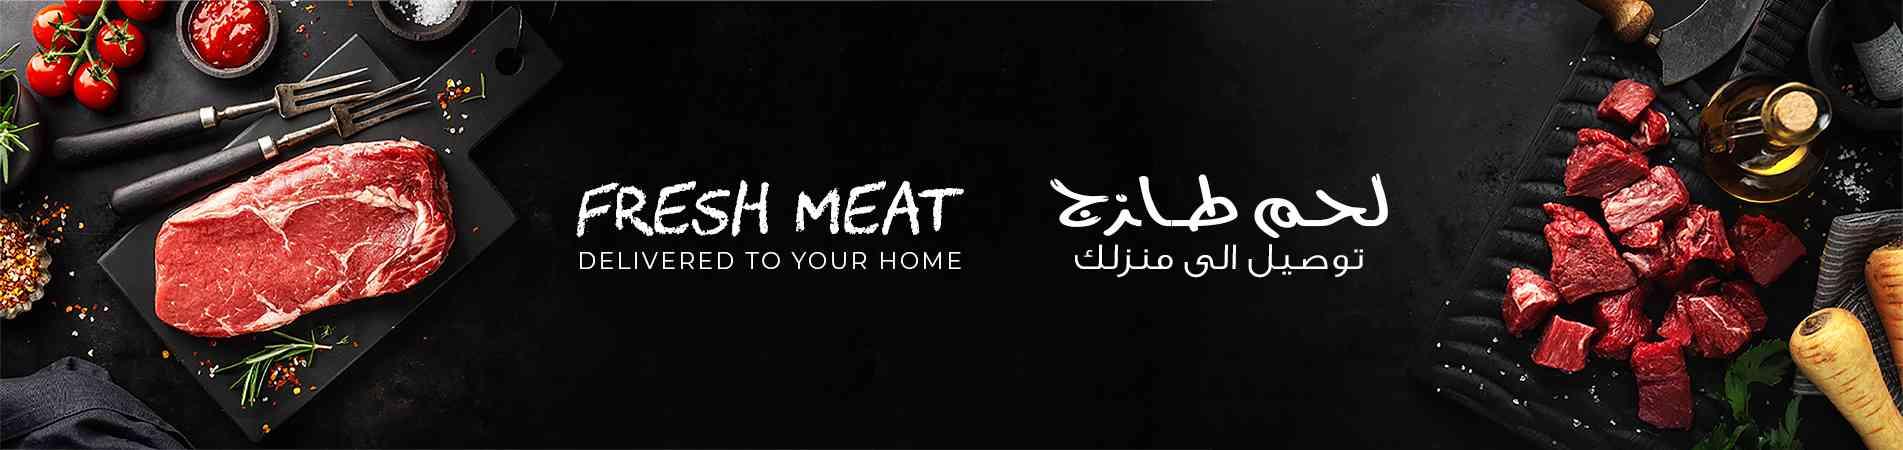 https://bazaar.om/fresh-meat-fish/freshmeat.html